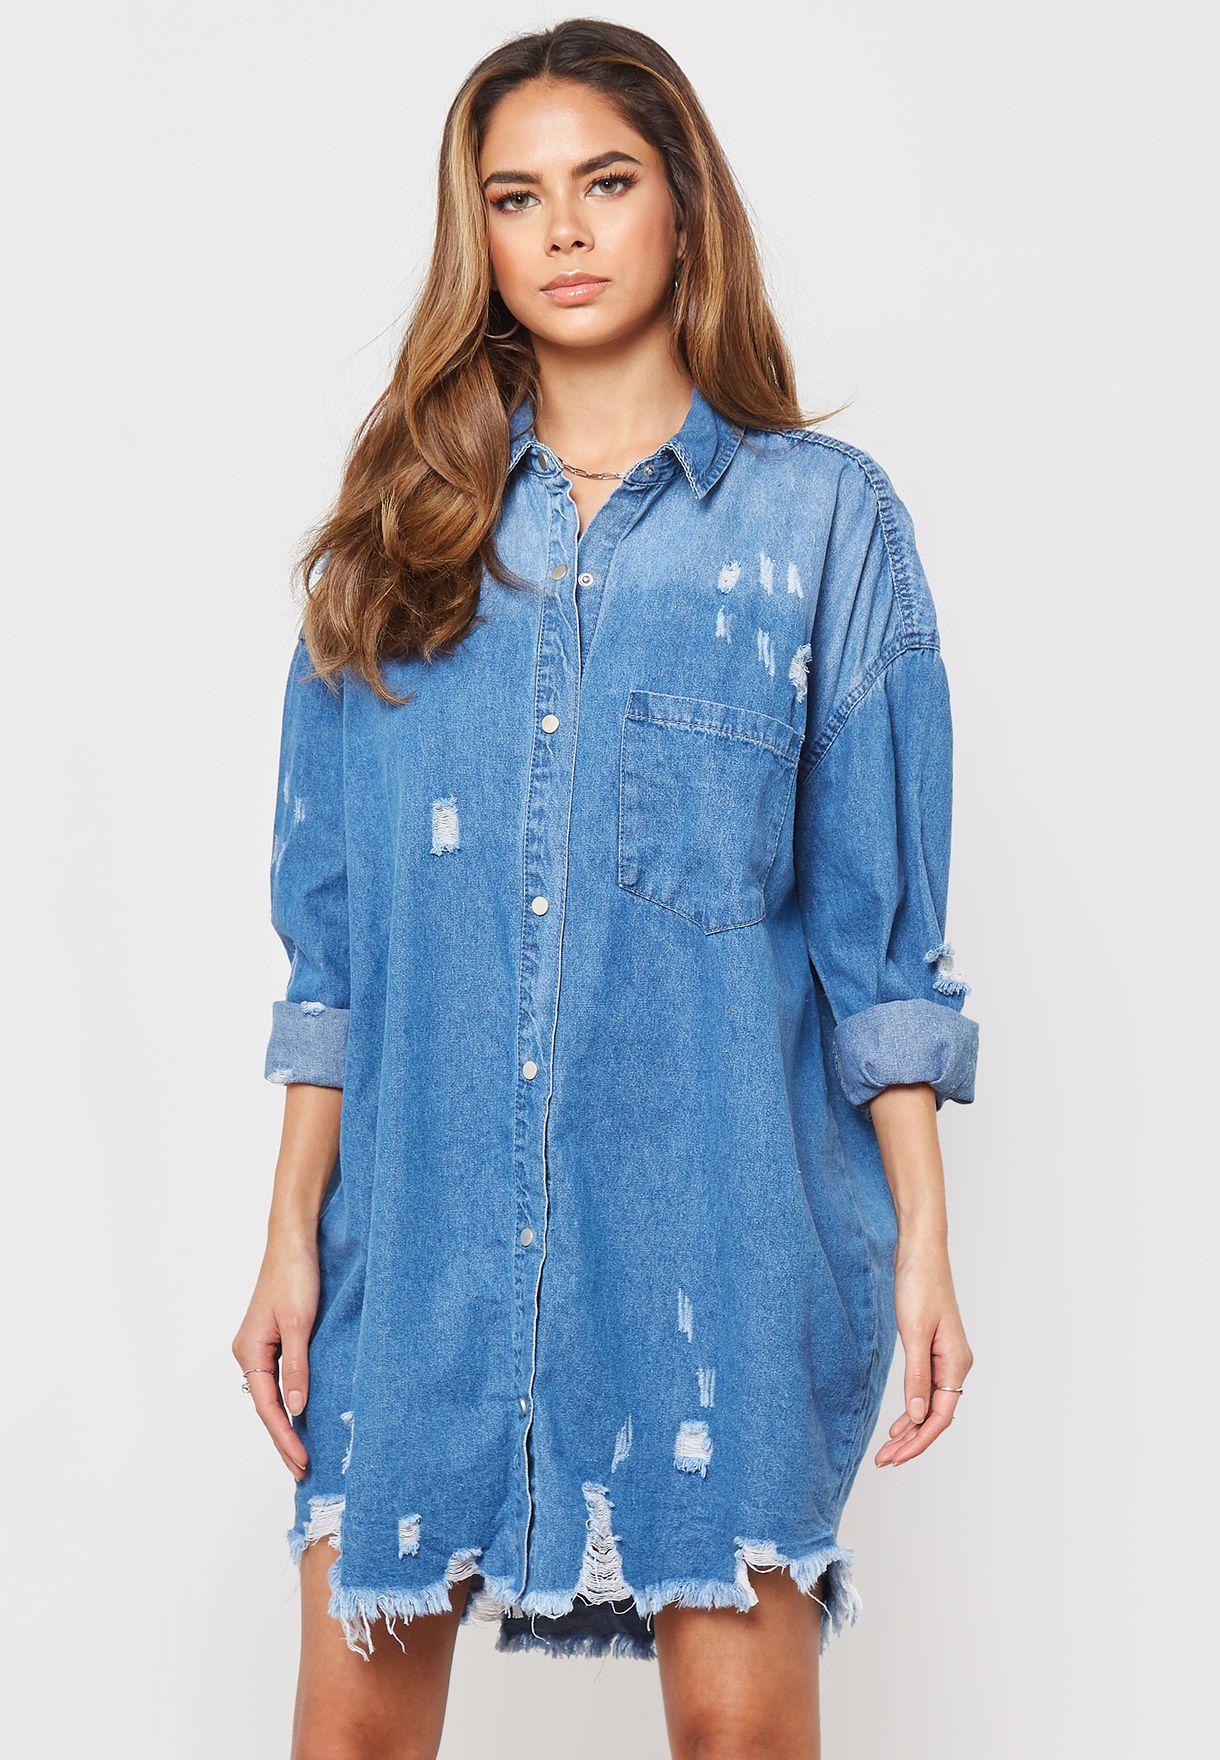 d0f26d744e2 Shop Missguided blue Distressed Denim Long Sleeve Shirt Dress ...